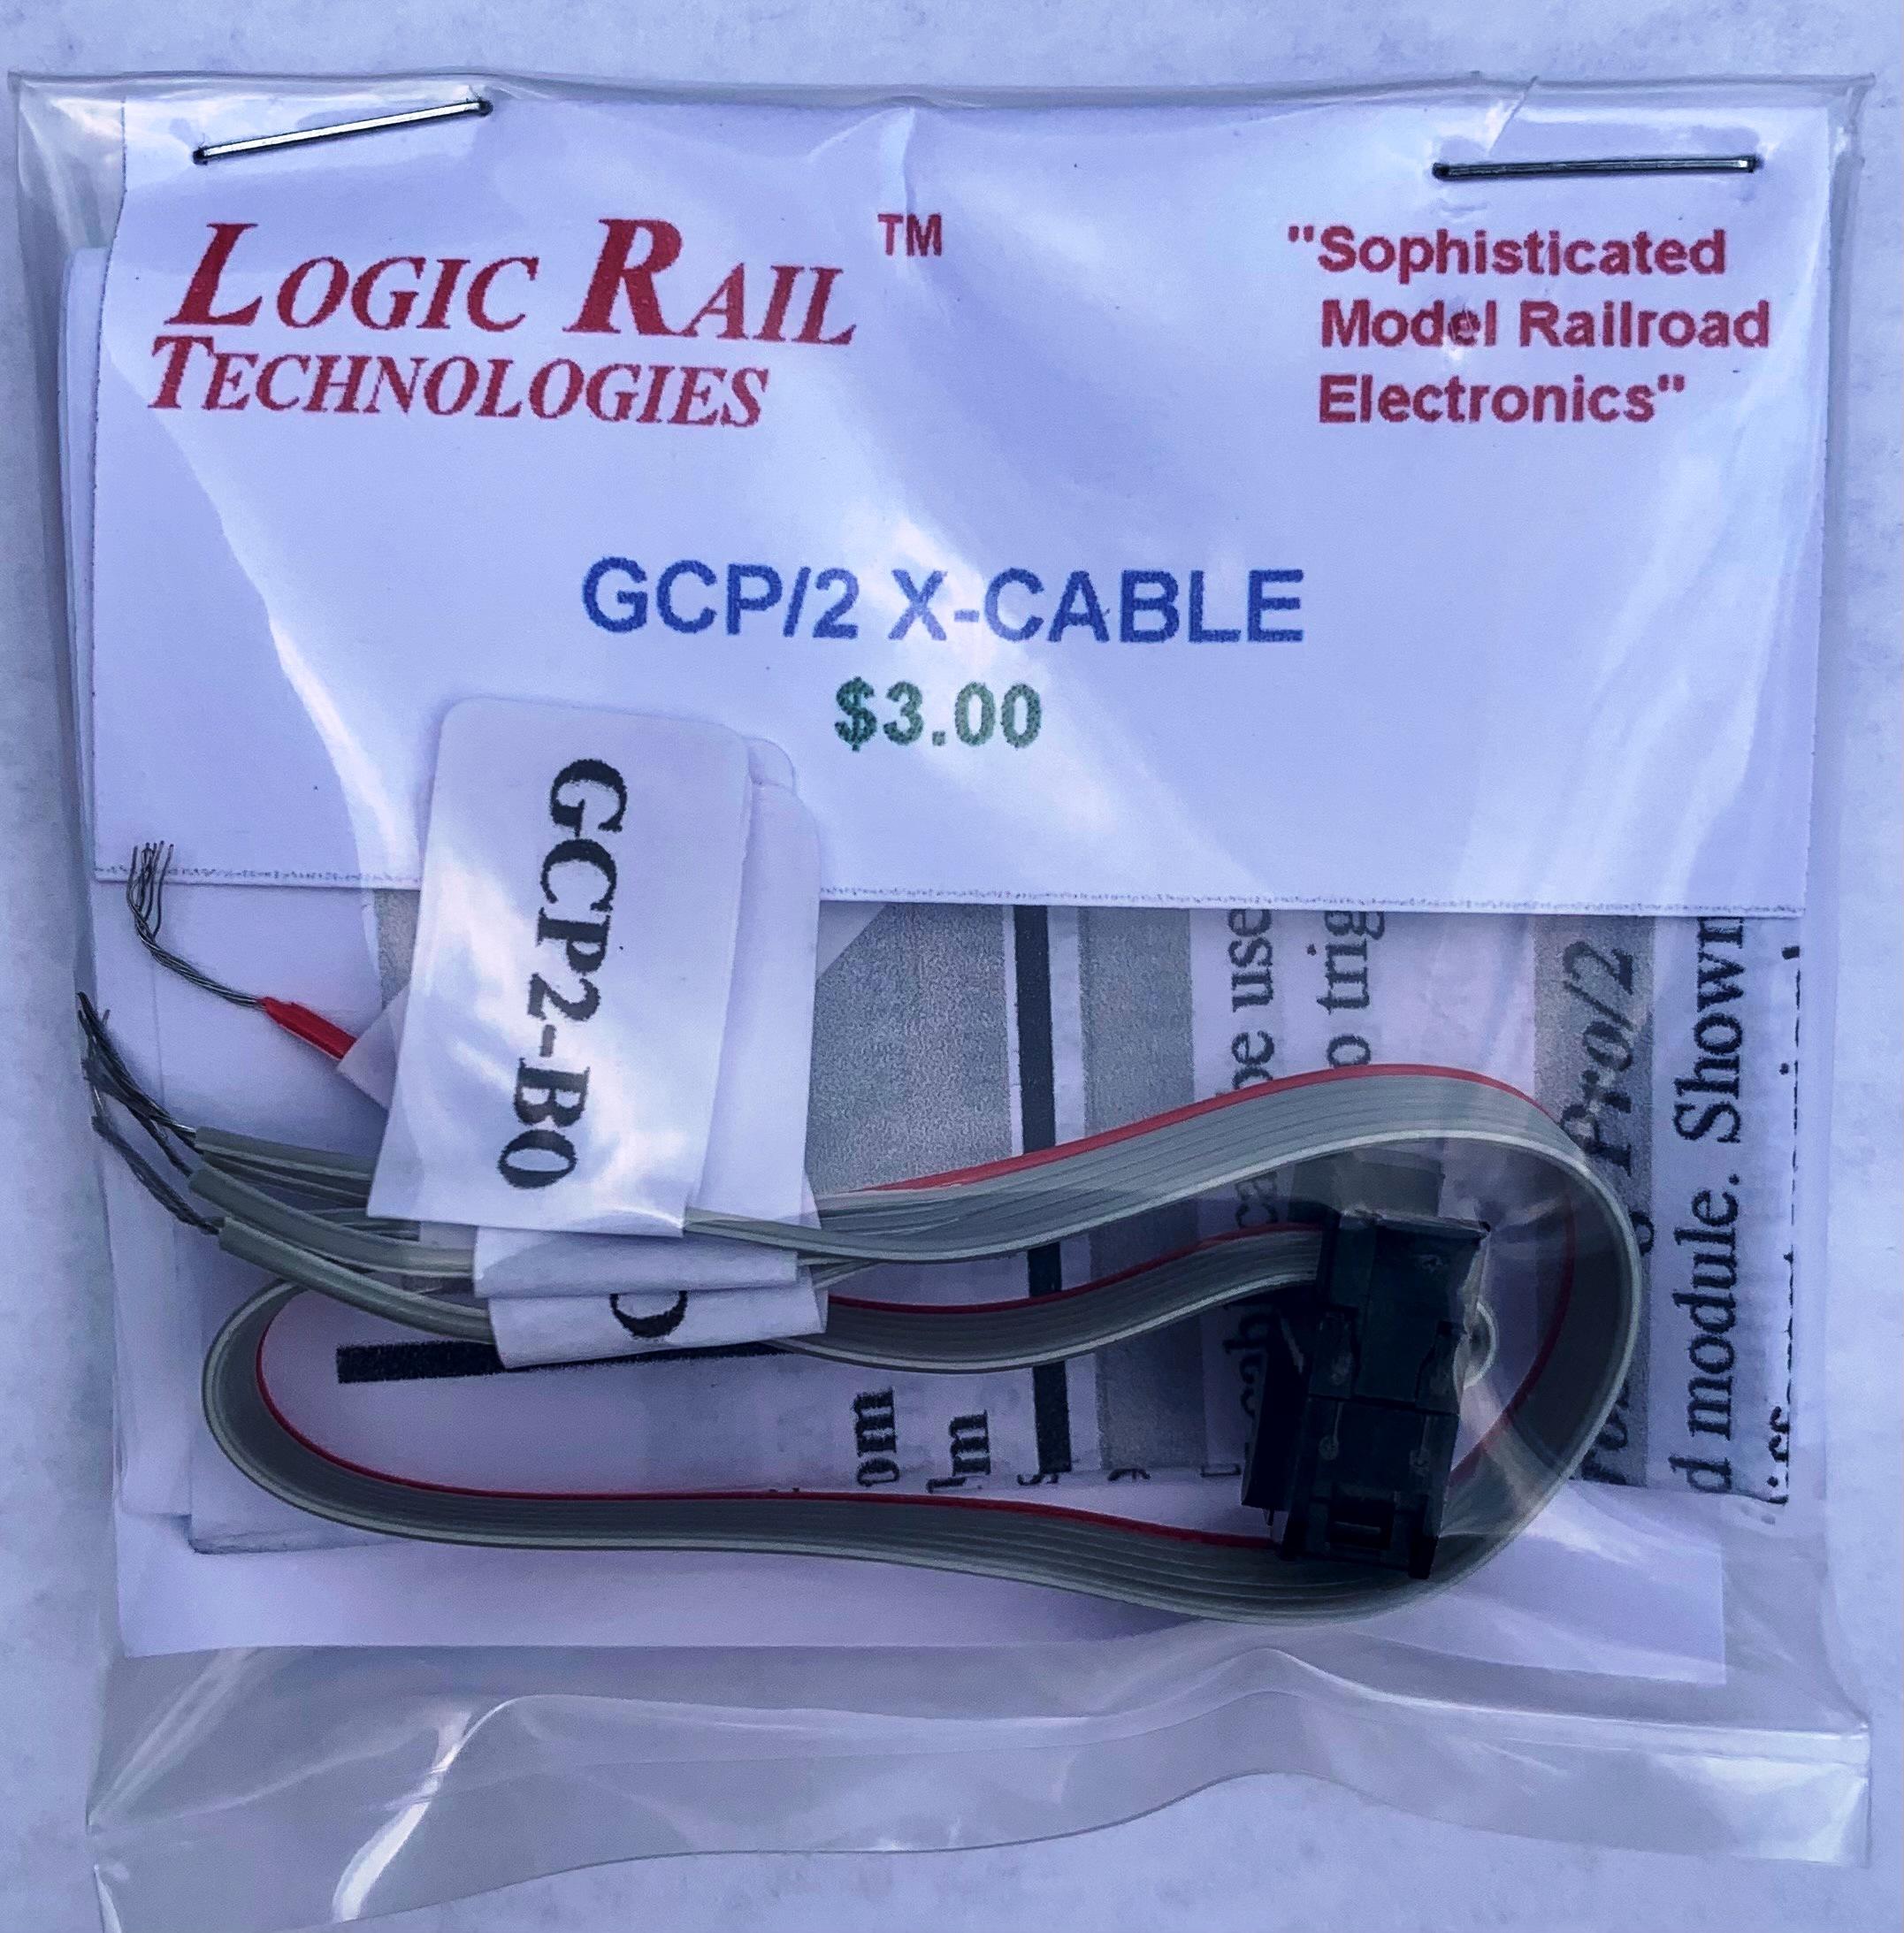 GCP/2 X-CABLE